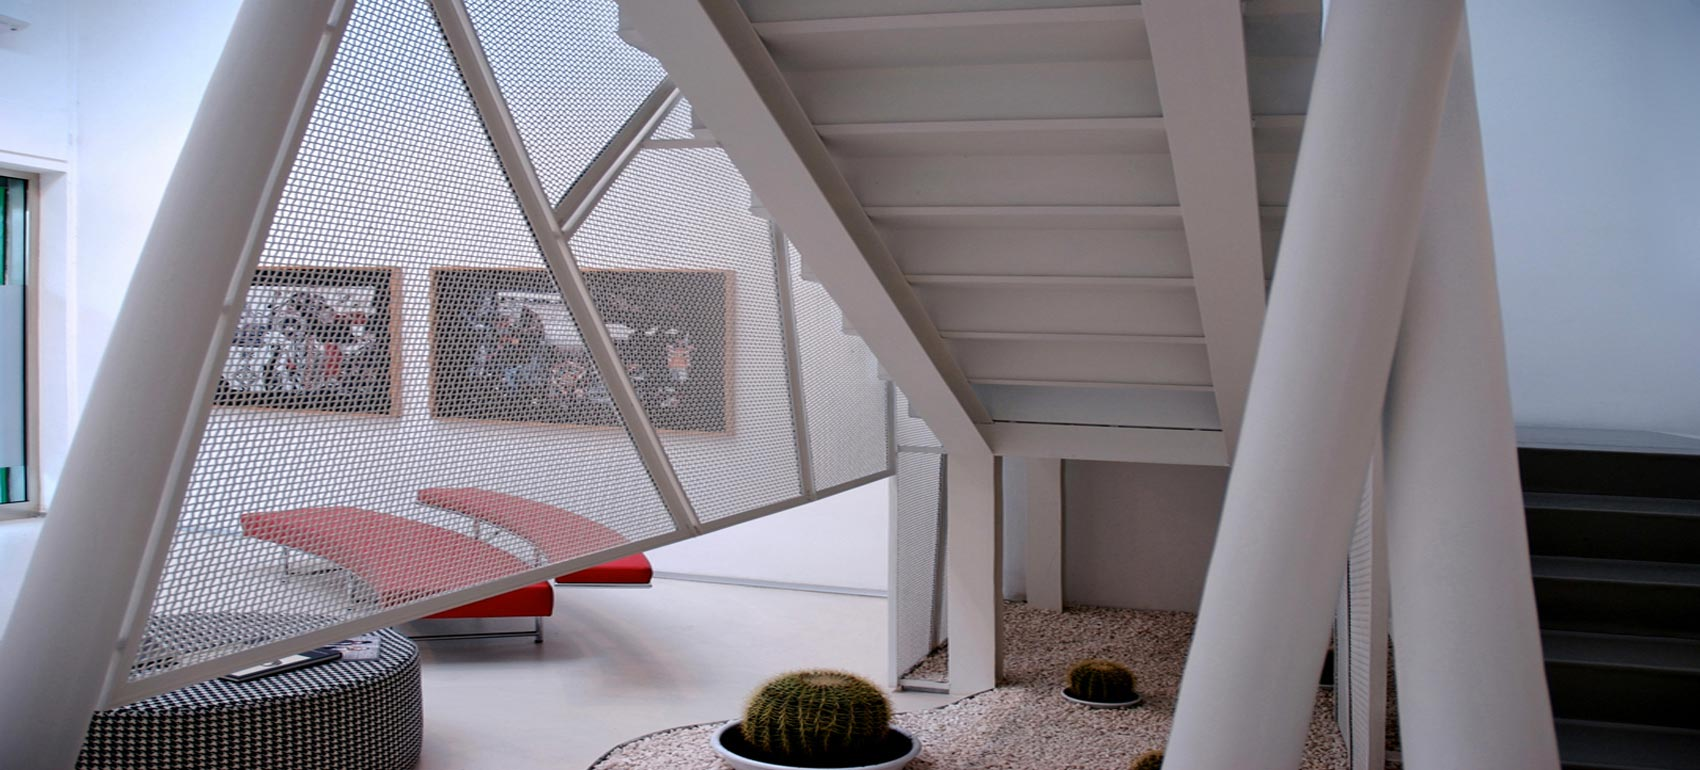 stefanoturi-architetto_lavori_agenzia_moda5